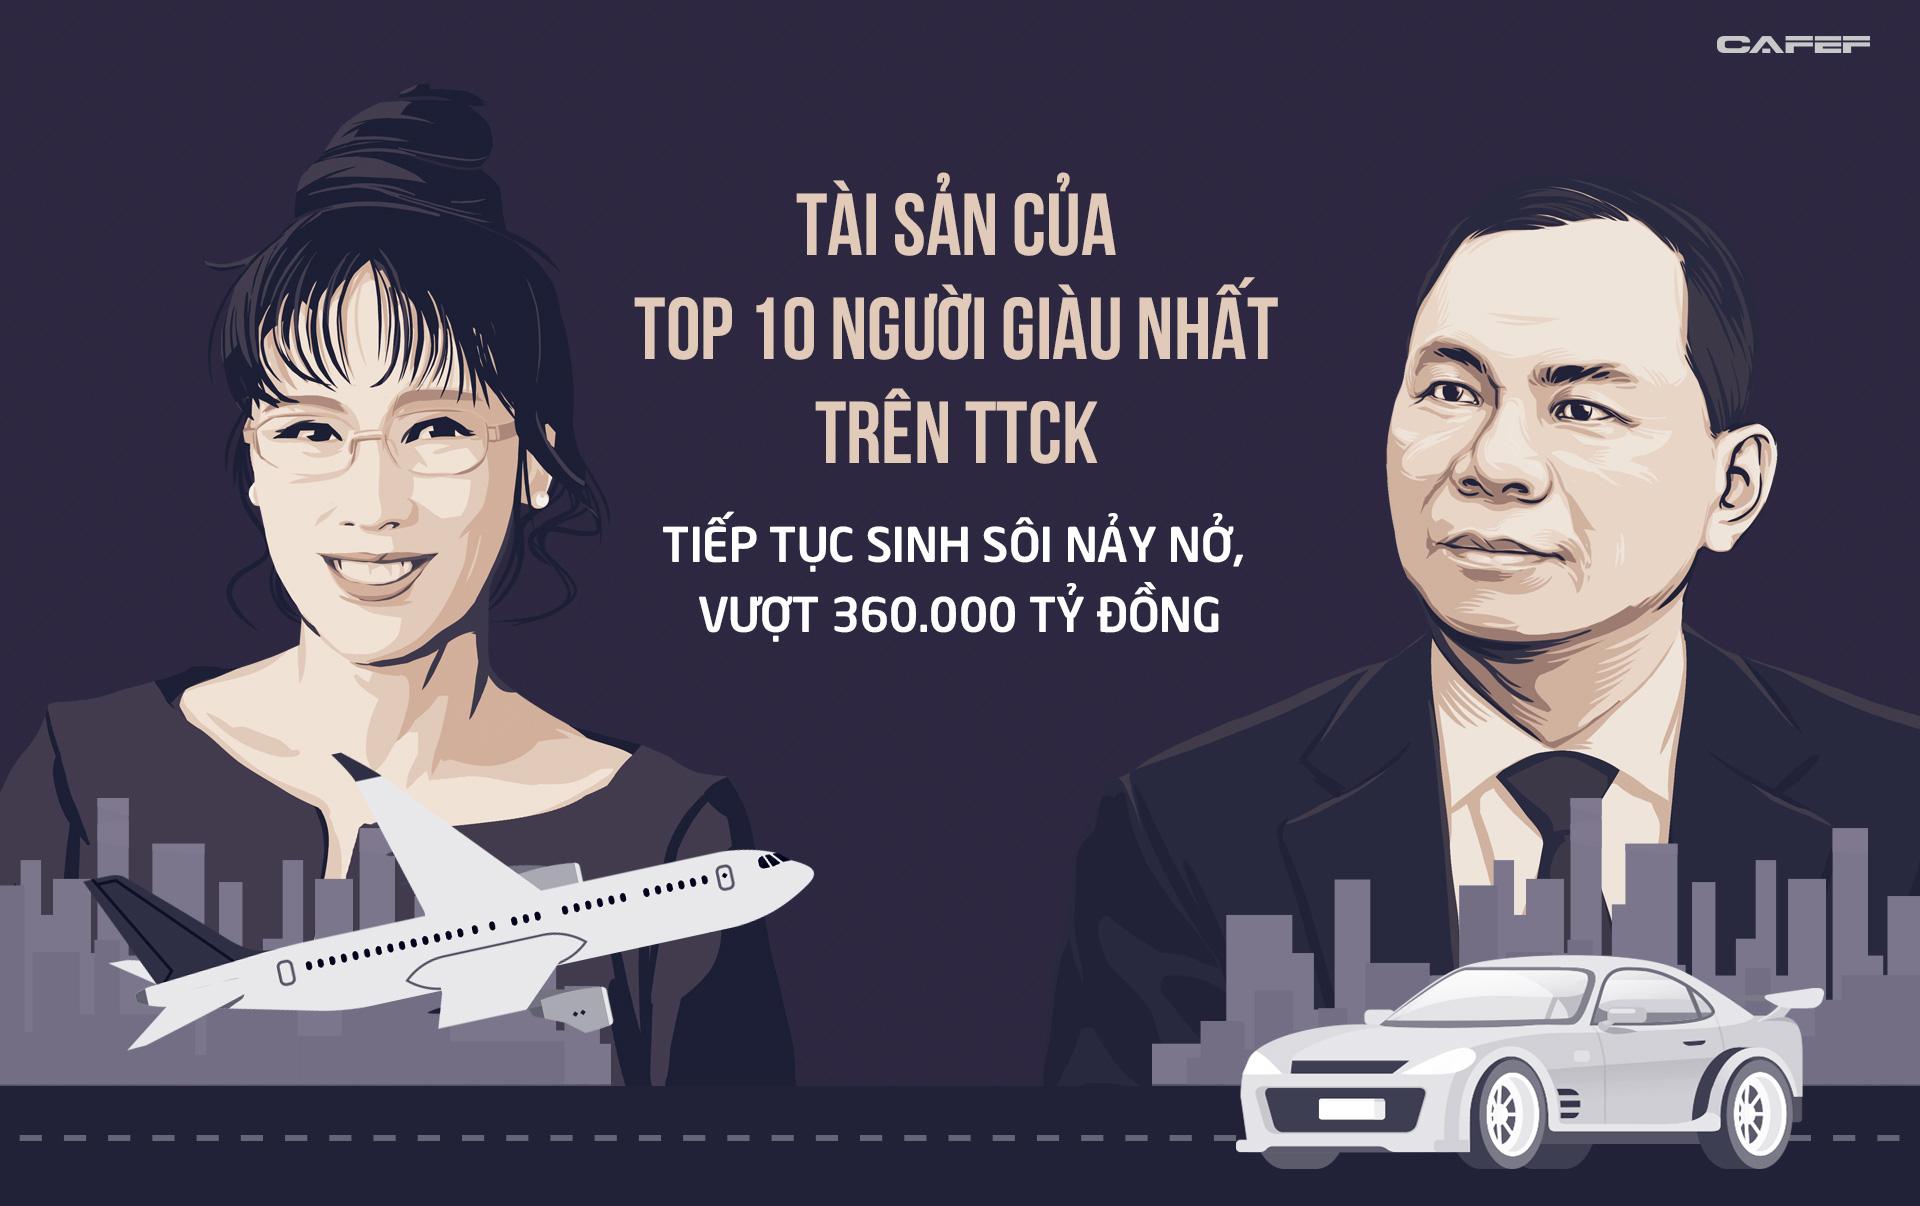 Tài sản của Top 10 người giàu nhất trên TTCK tiếp tục sinh sôi nảy nở, vượt 360.000 tỷ đồng